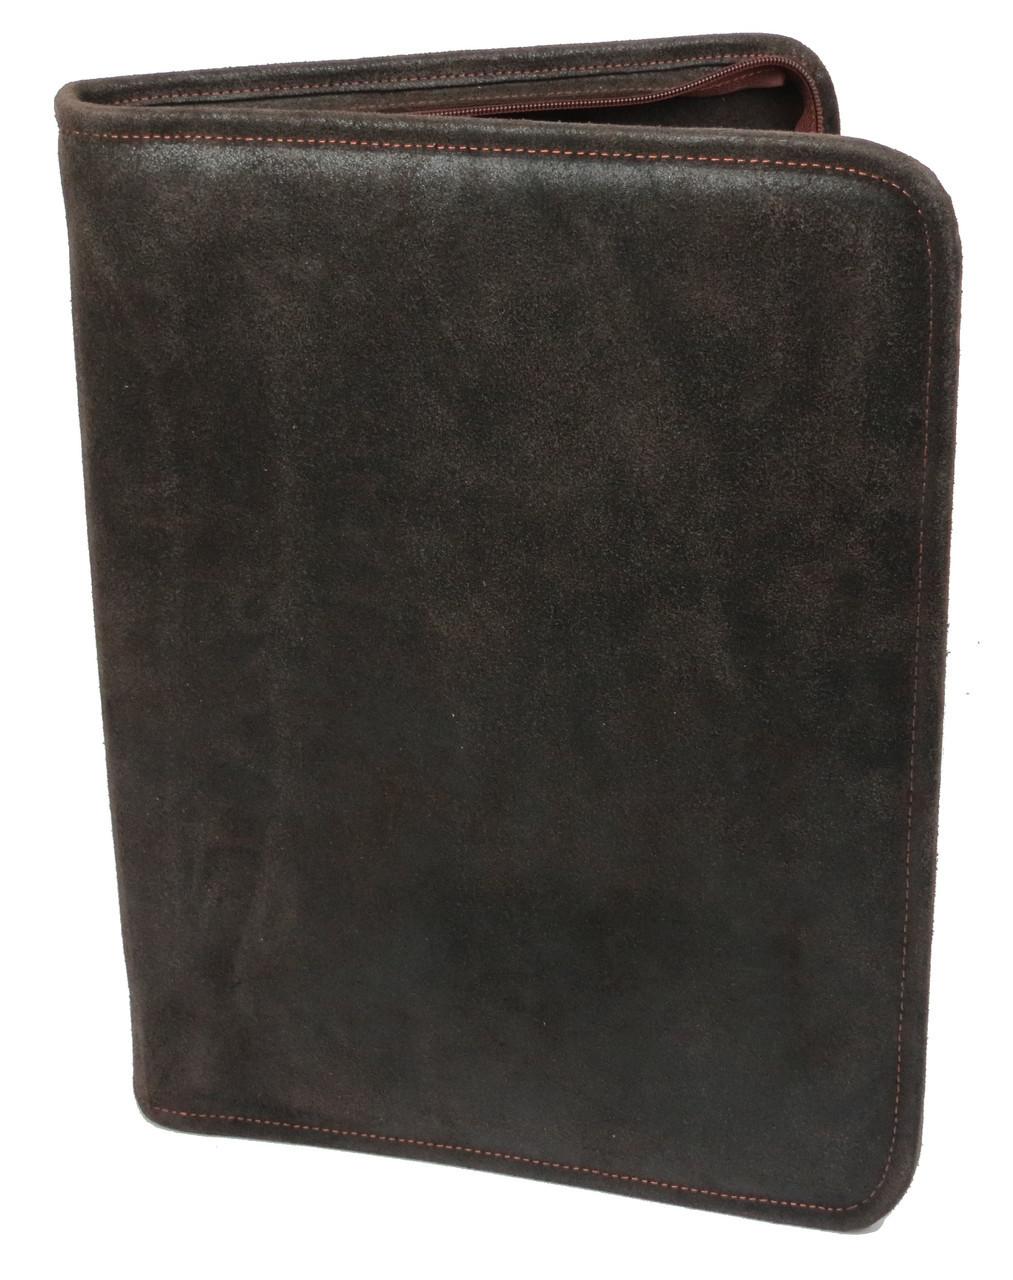 Папка з натуральної шкіри A-art TS1003-4 коричнева